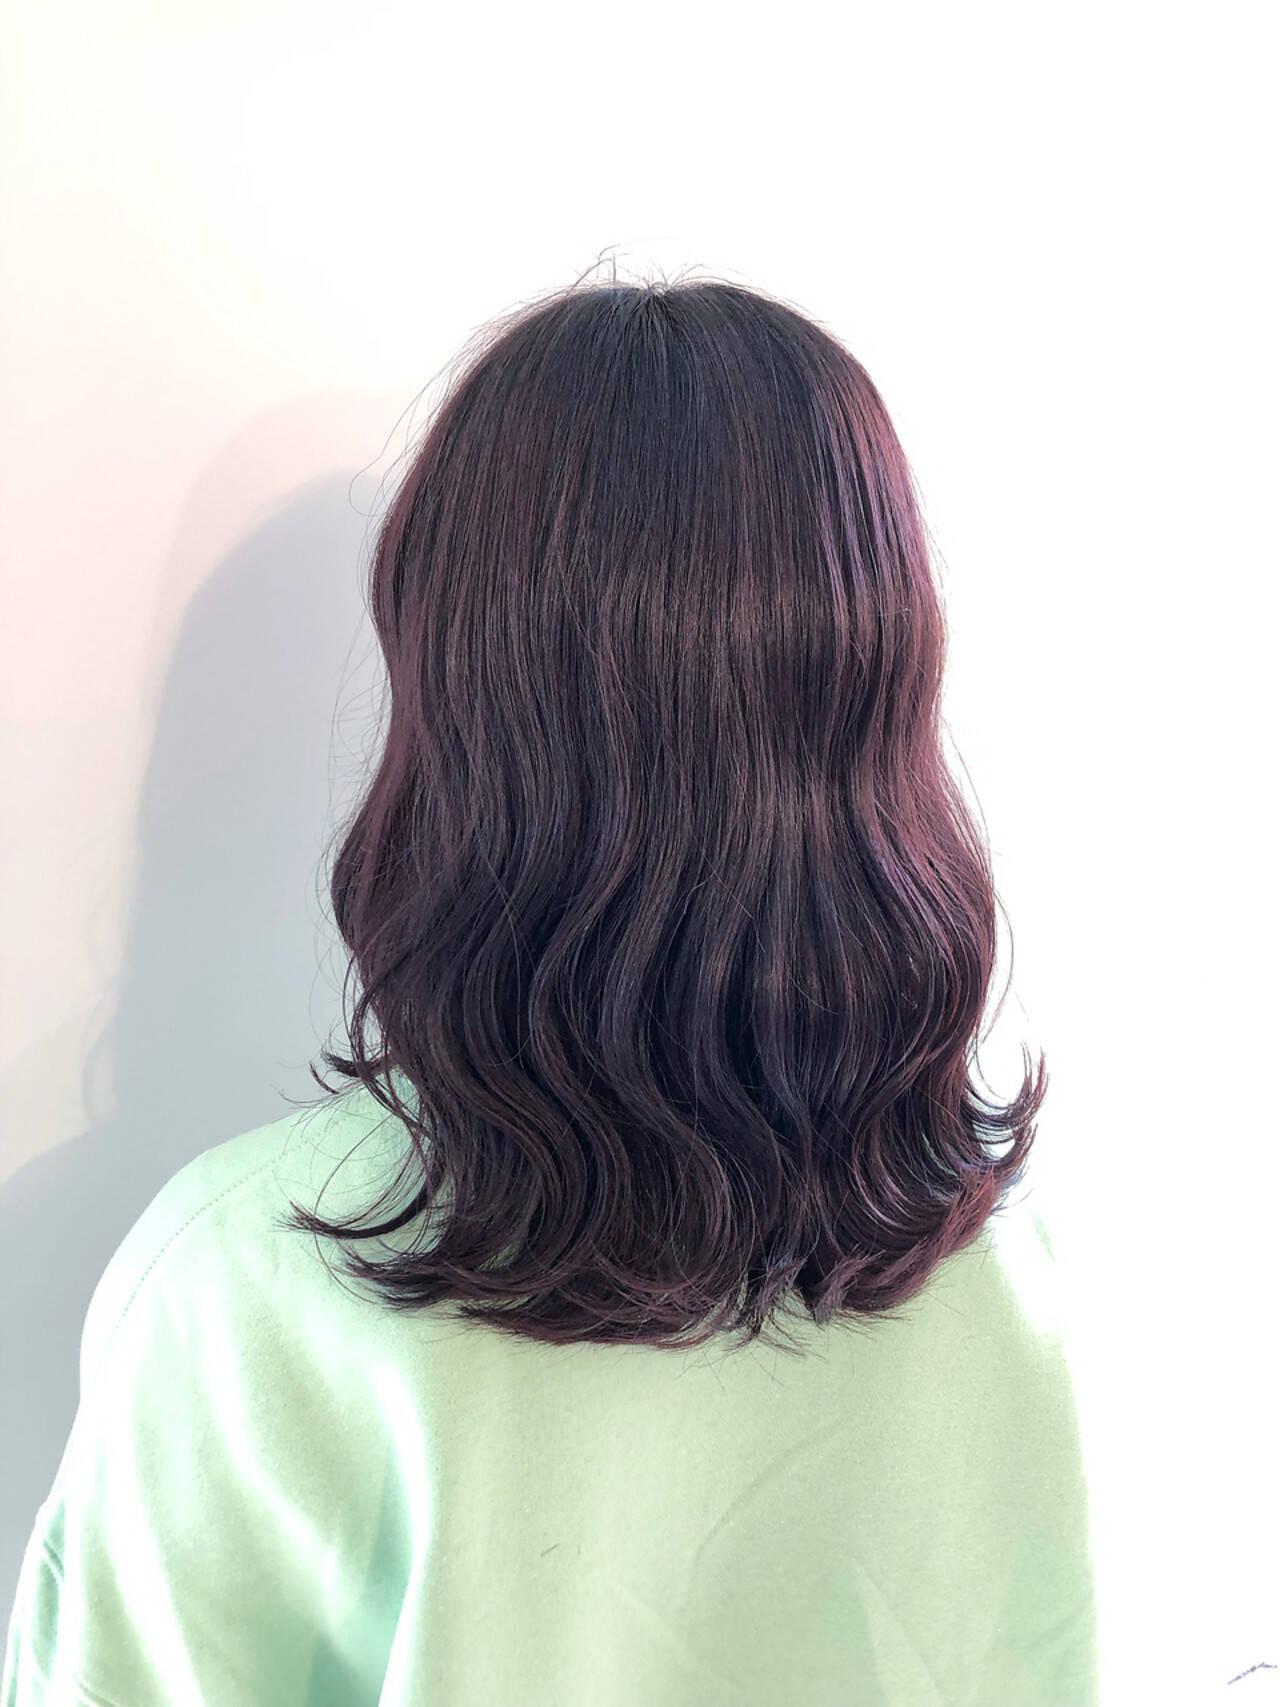 ピンクパープル ラベンダーピンク ガーリー コテ巻きヘアスタイルや髪型の写真・画像